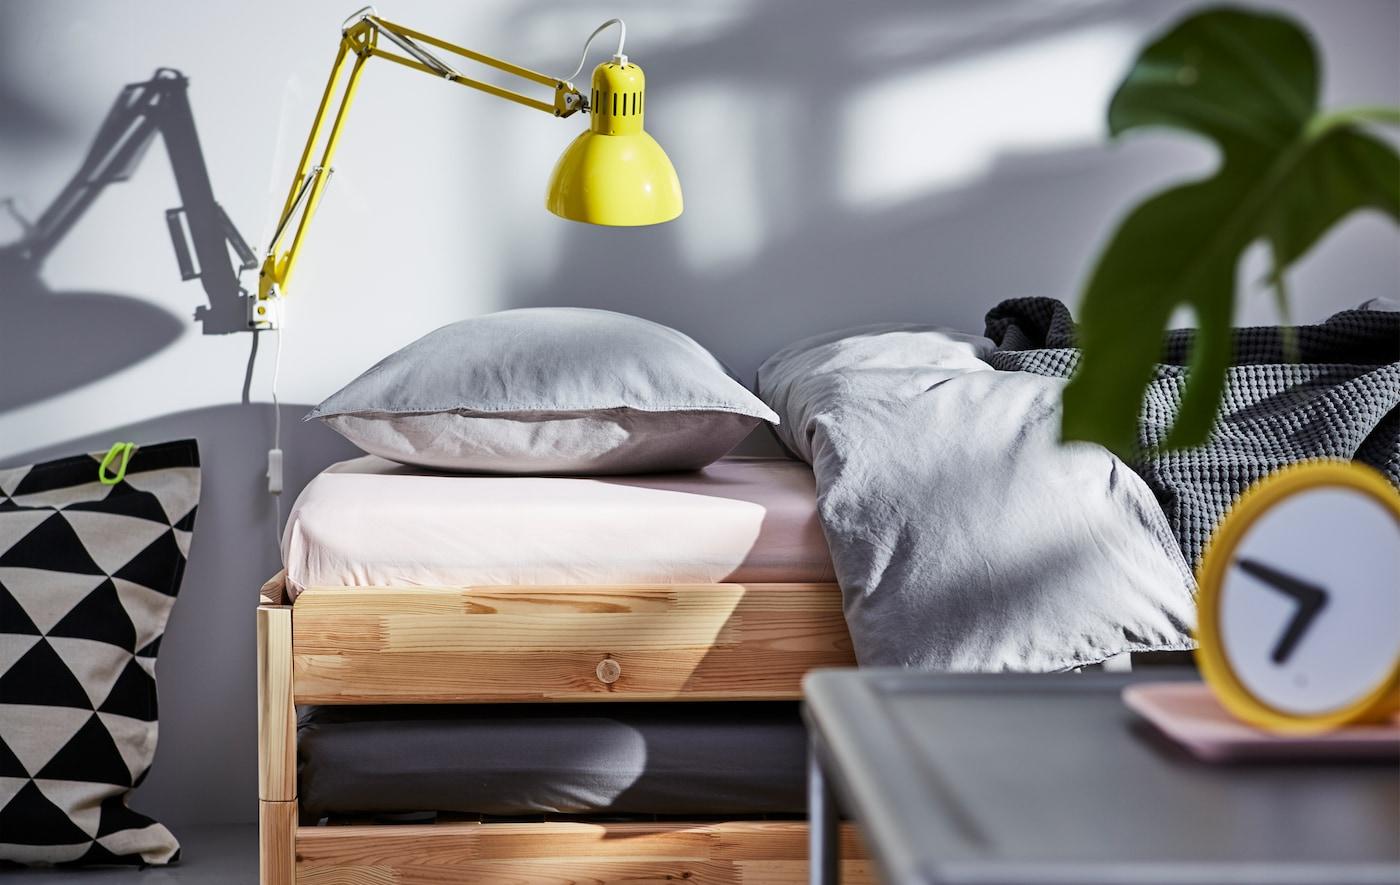 Kaipaatko sisustusideoita pieneen makuuhuoneeseen? Kannattaa kokeilla sänkyä, joka on samalla myös sohva, esimerkiksi pinottavaa IKEA UTÅKER -sänkyä.